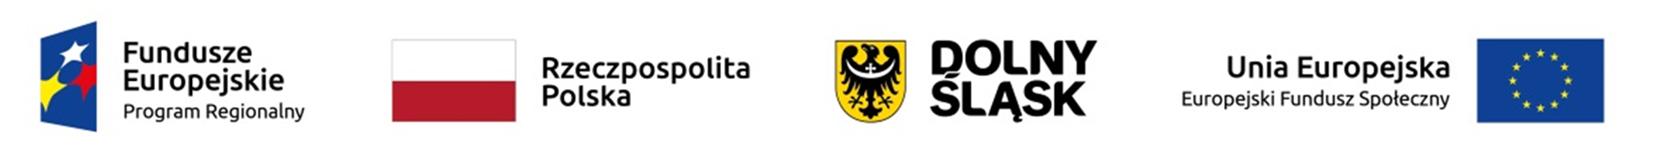 Logotypy instytucji realizujących projekt unijnyKreatyny rozwój uczniów